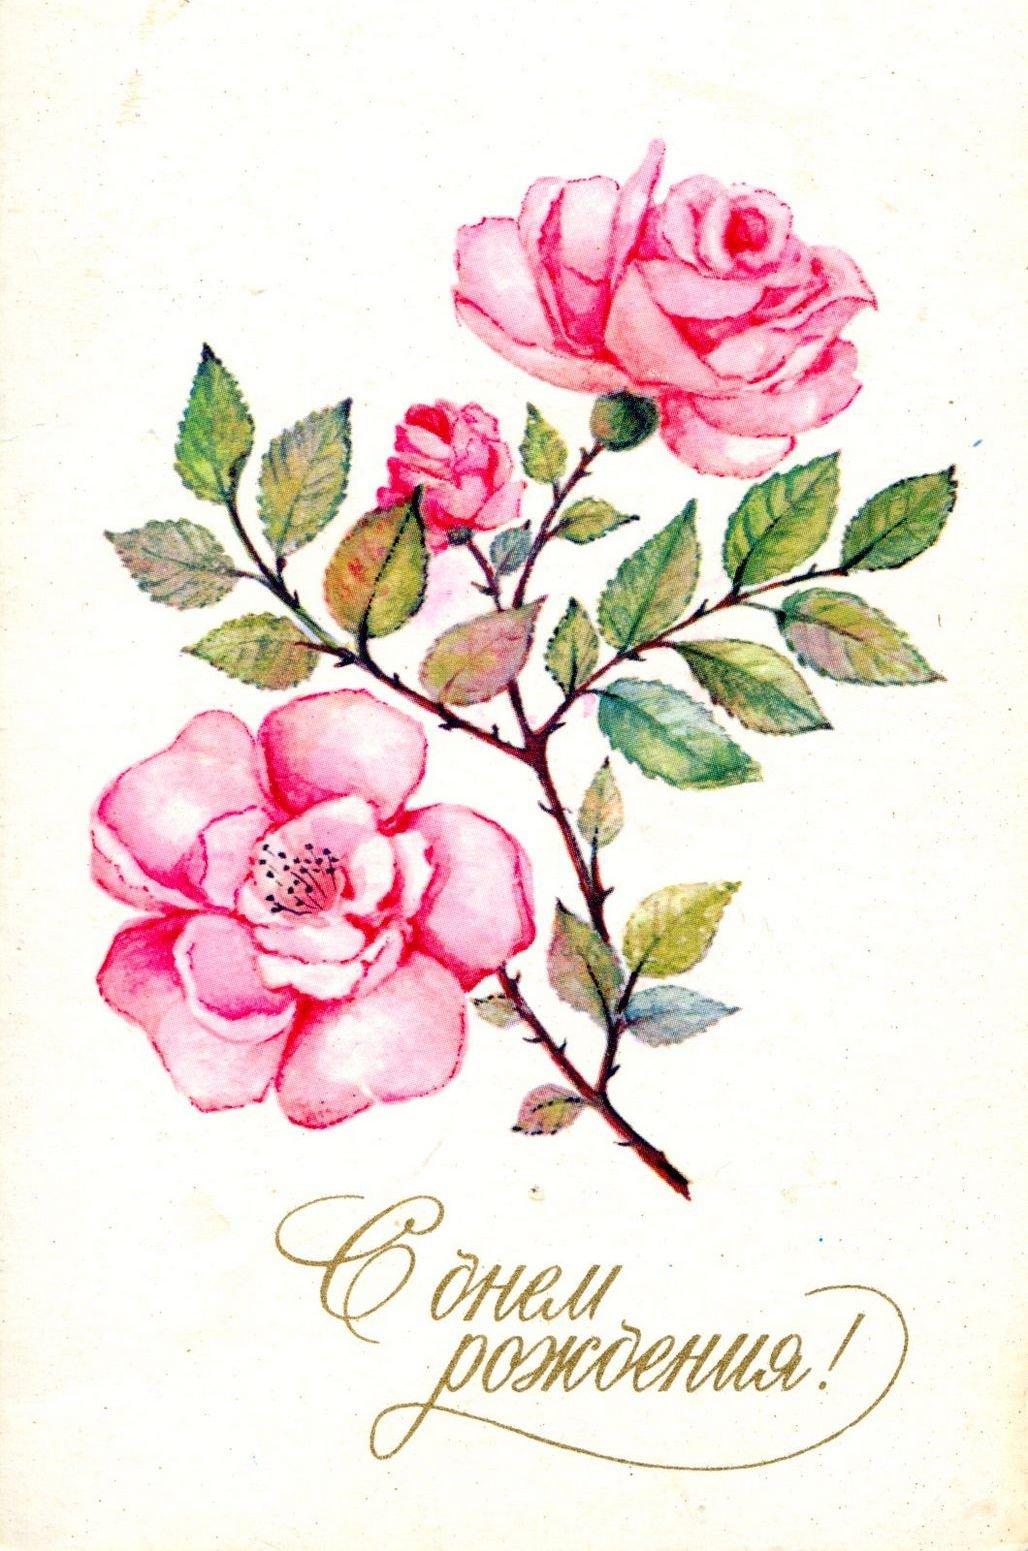 Как нарисовать самим поздравительную открытку